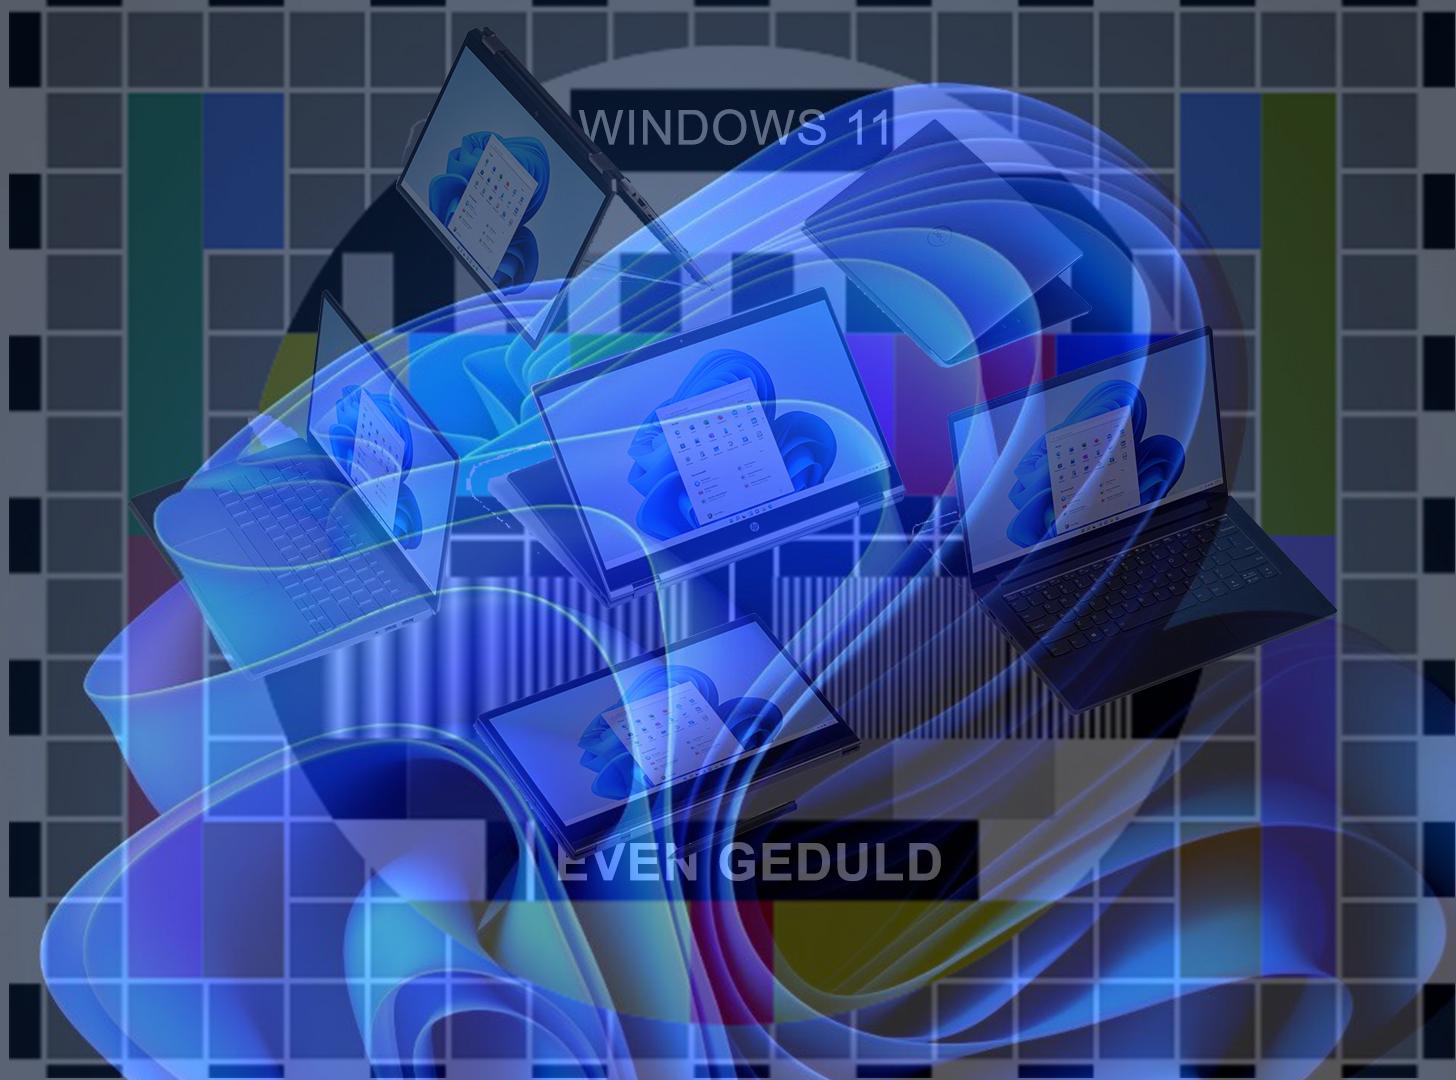 windows 11 upgrade beschikbaar